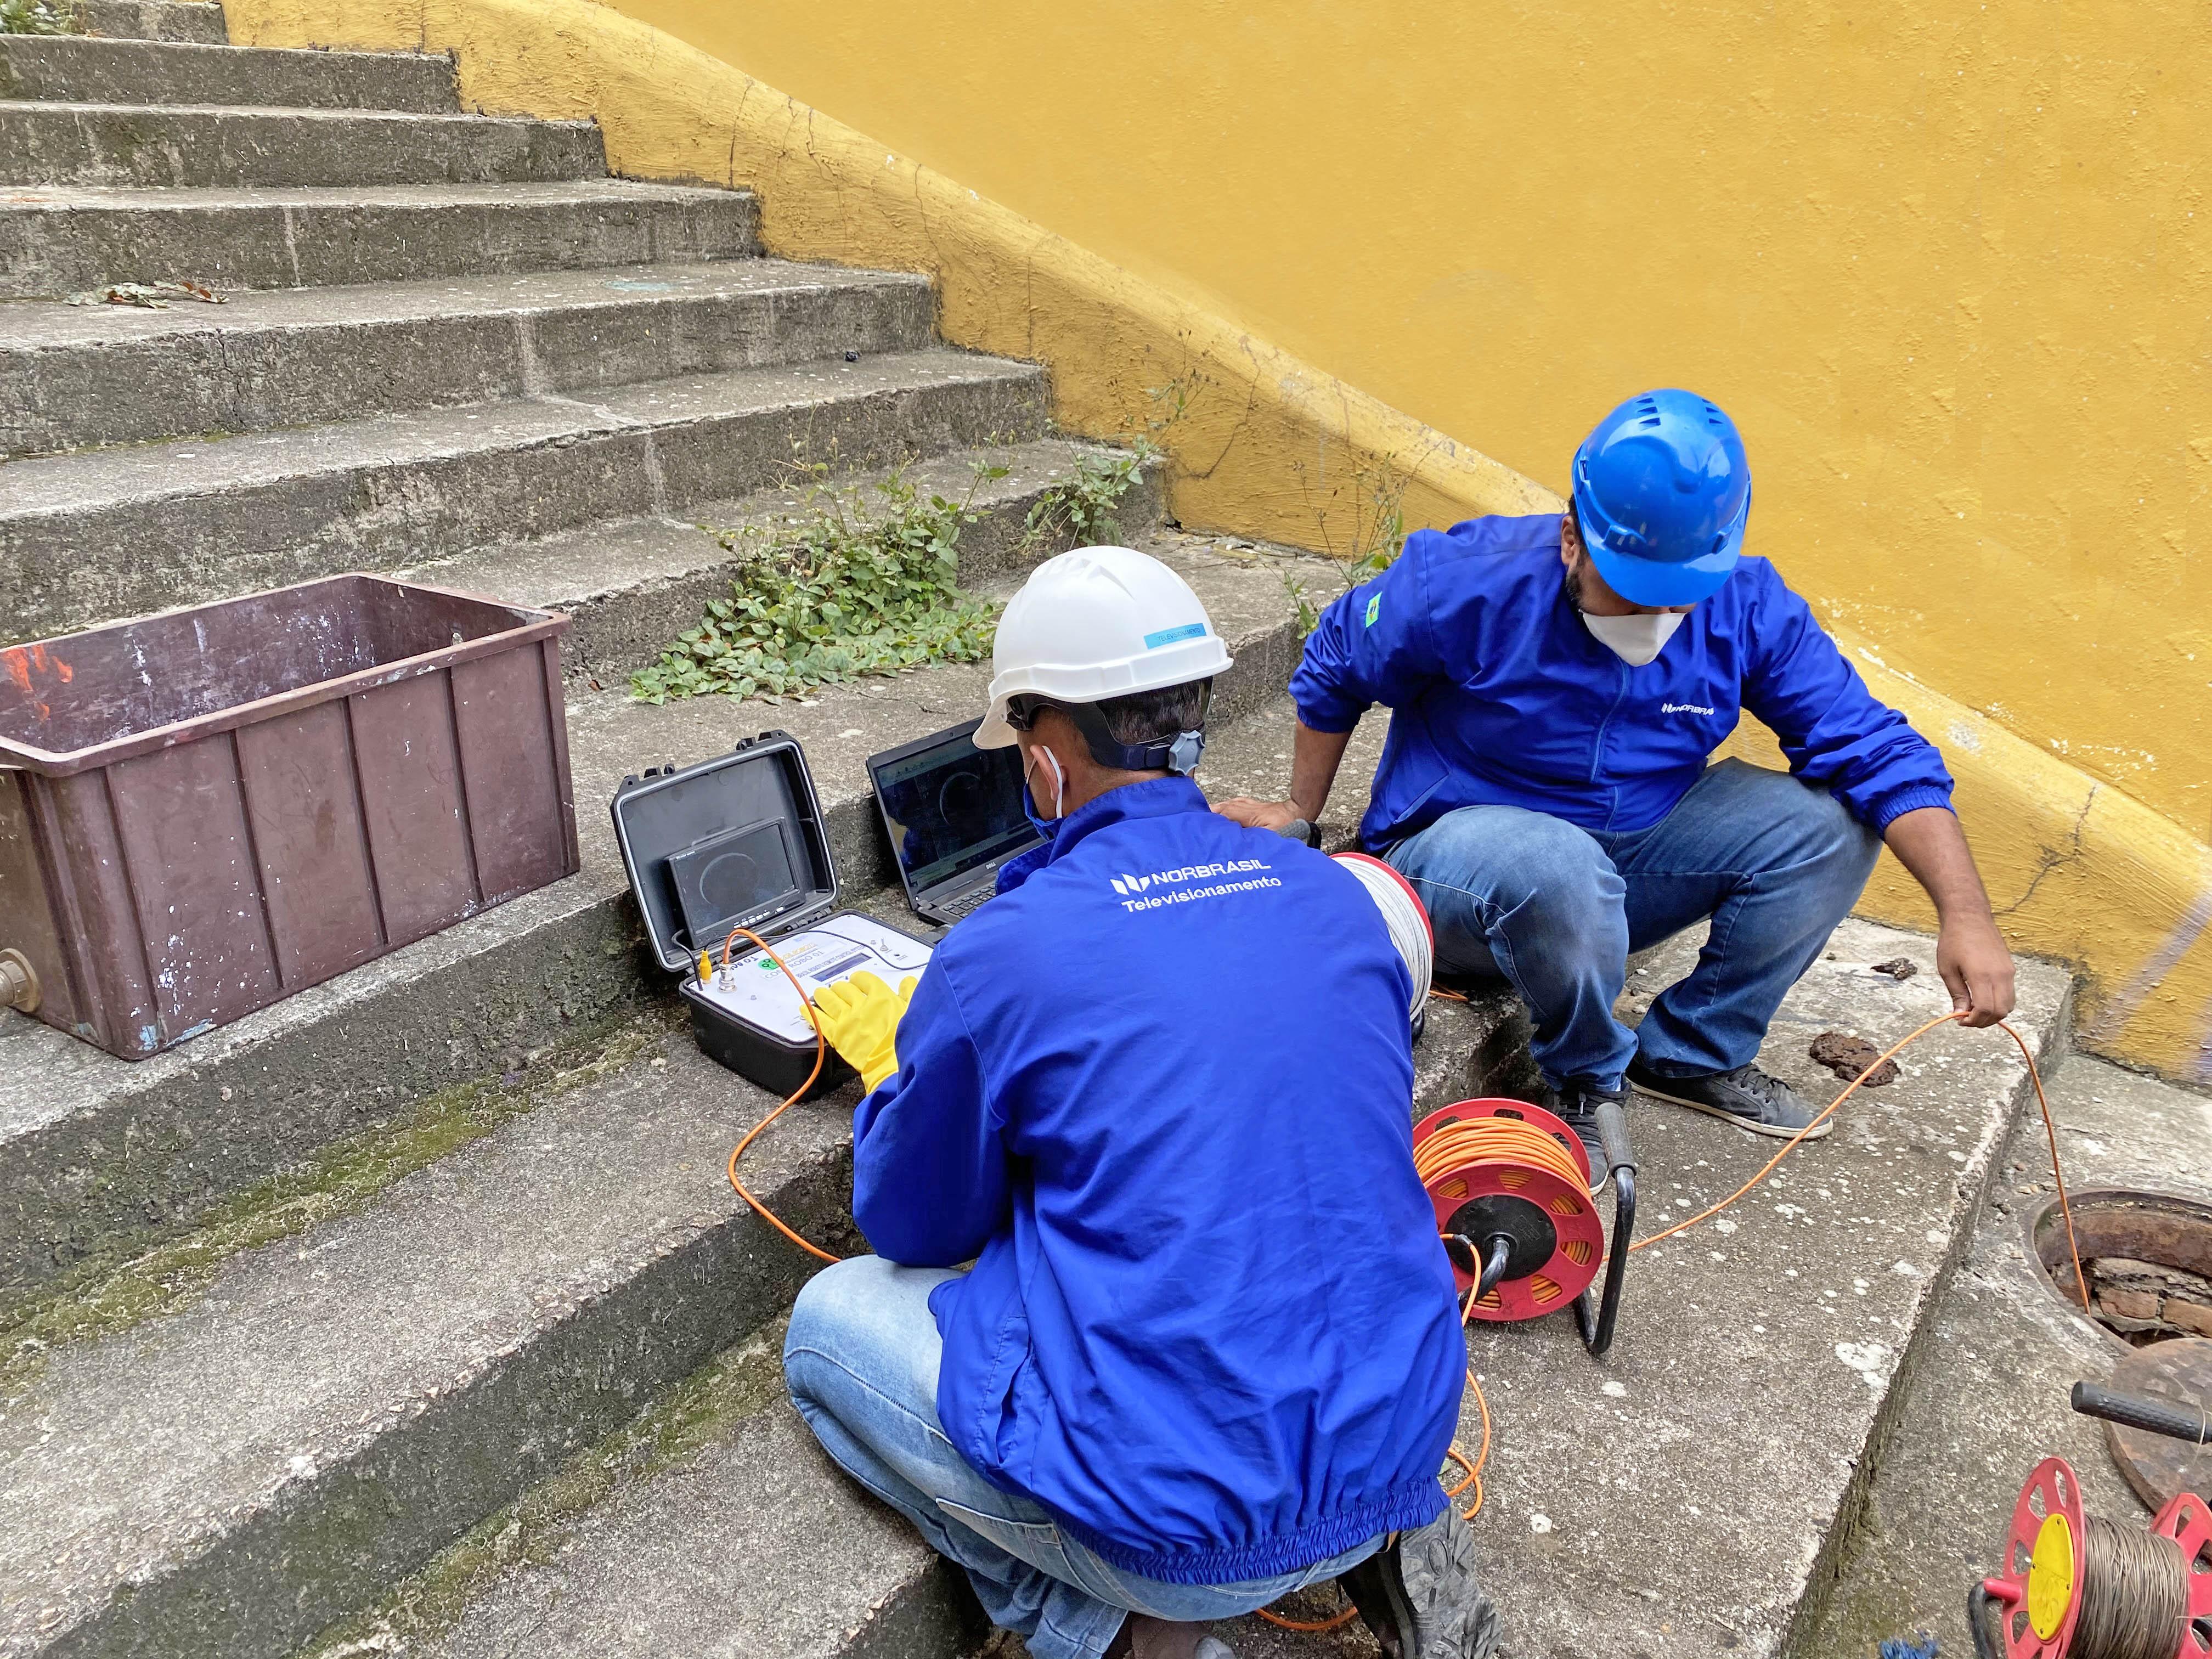 Contrato prevê um conjunto de dispositivos eletrônicos, que vão possibilitar a inspeção e diagnóstico da situação operacional dos coletores de esgoto, por meio de circuito fechado de televisão.